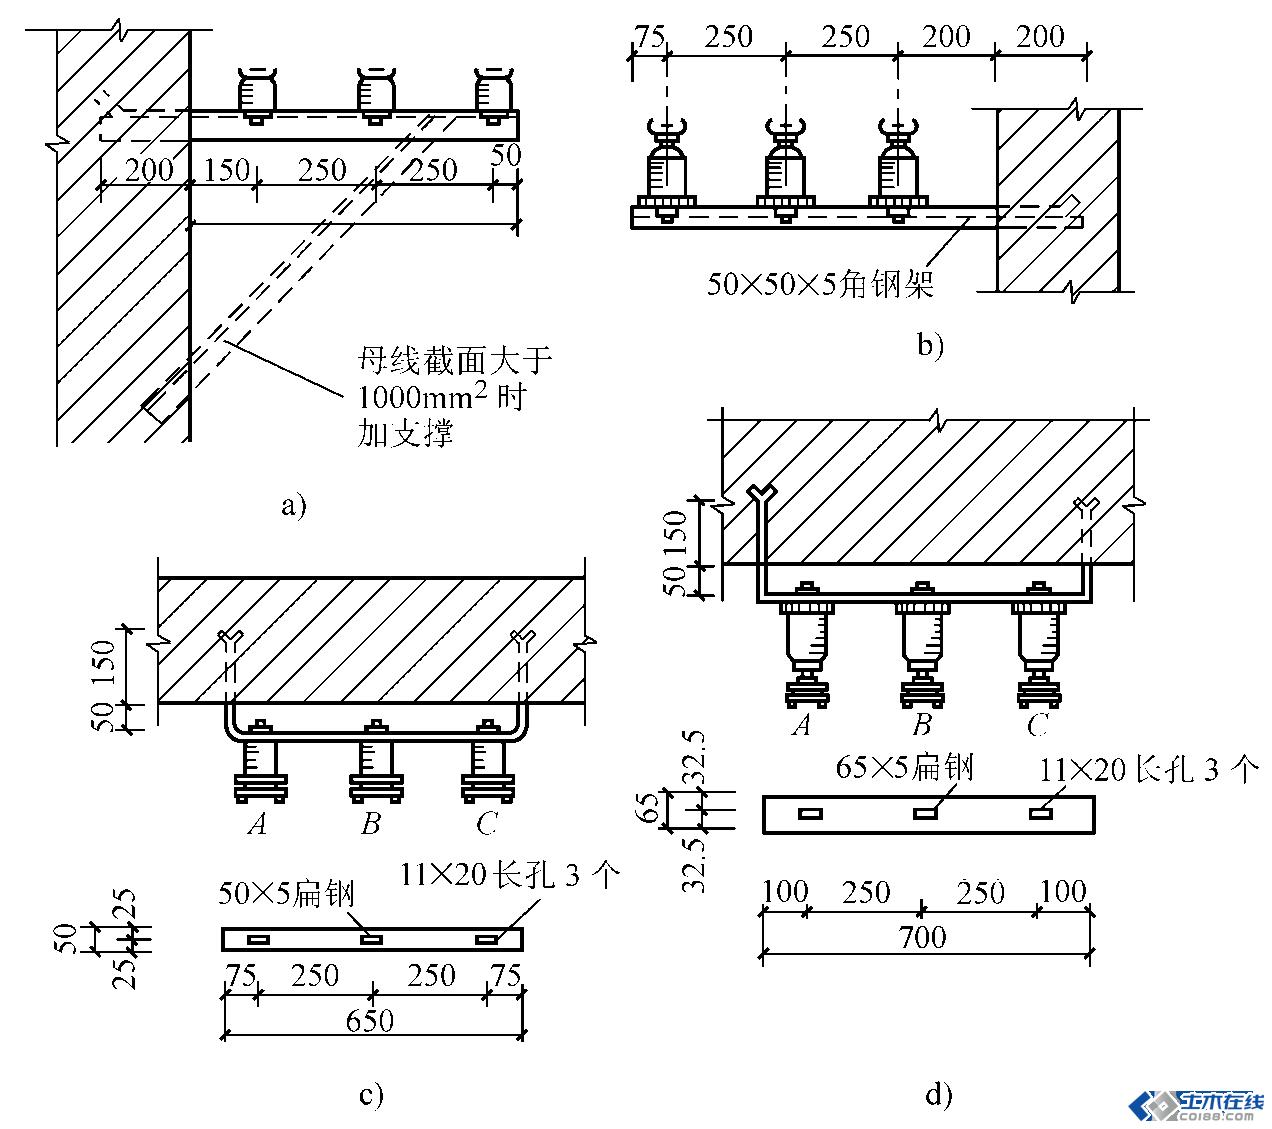 室内分布施工步骤